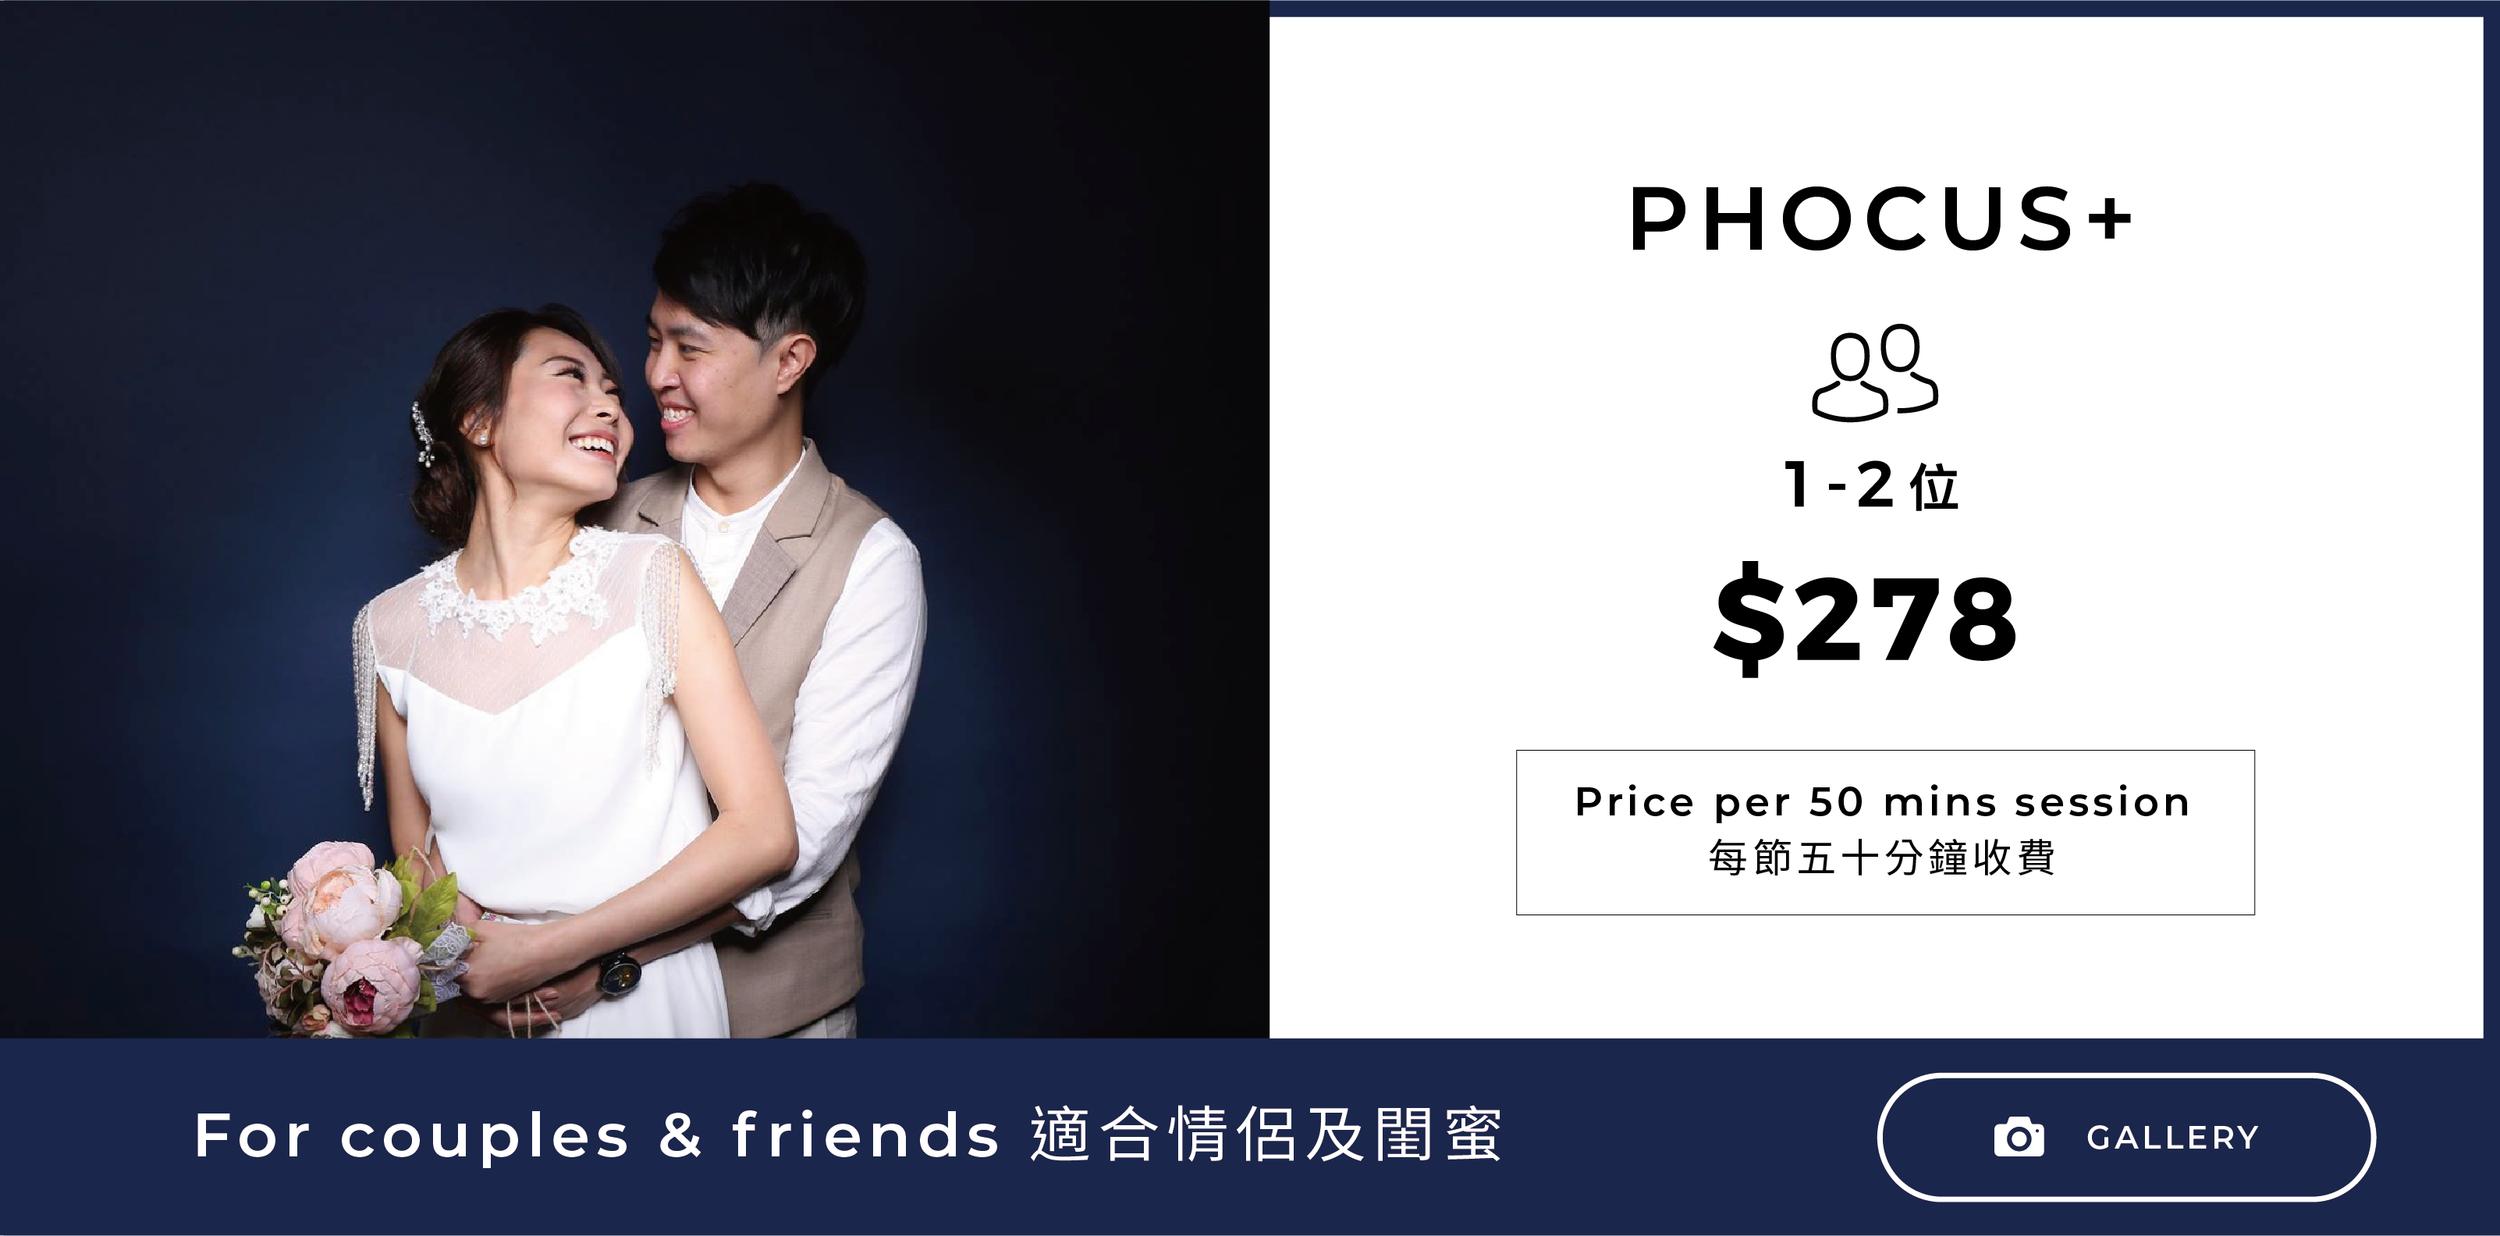 Phocus+ Price